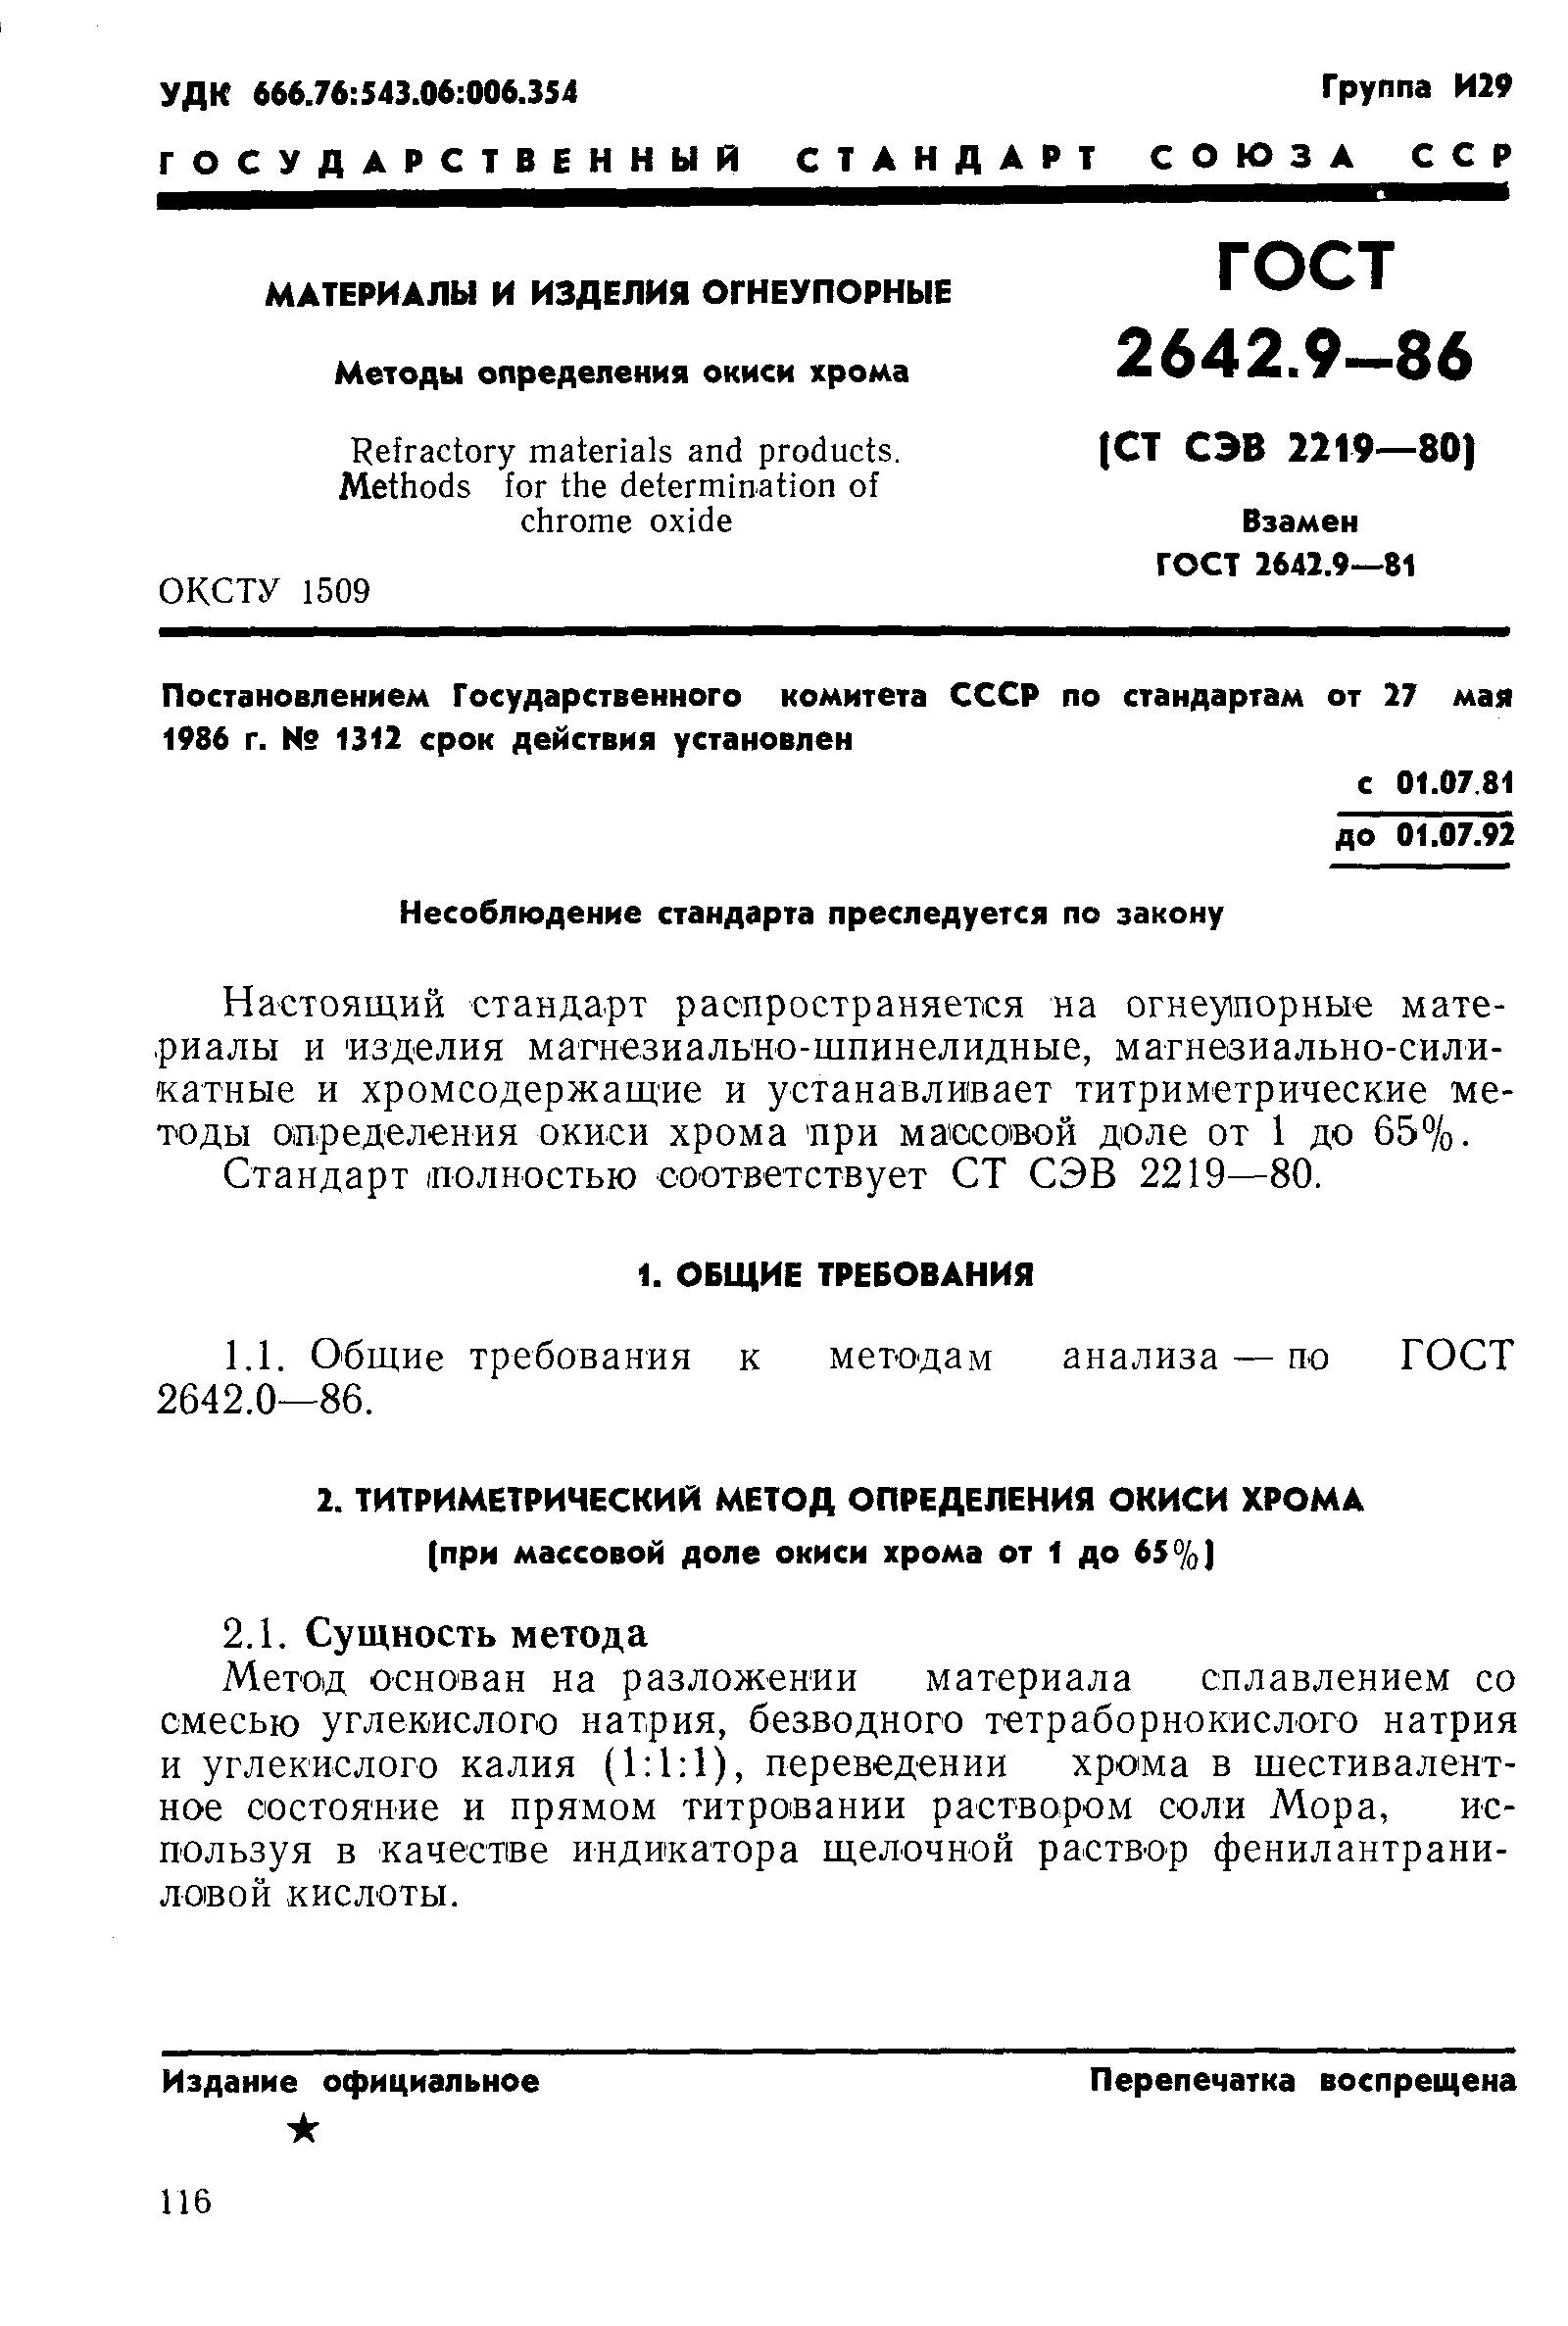 ГОСТ 2642.9-86. Страница 1